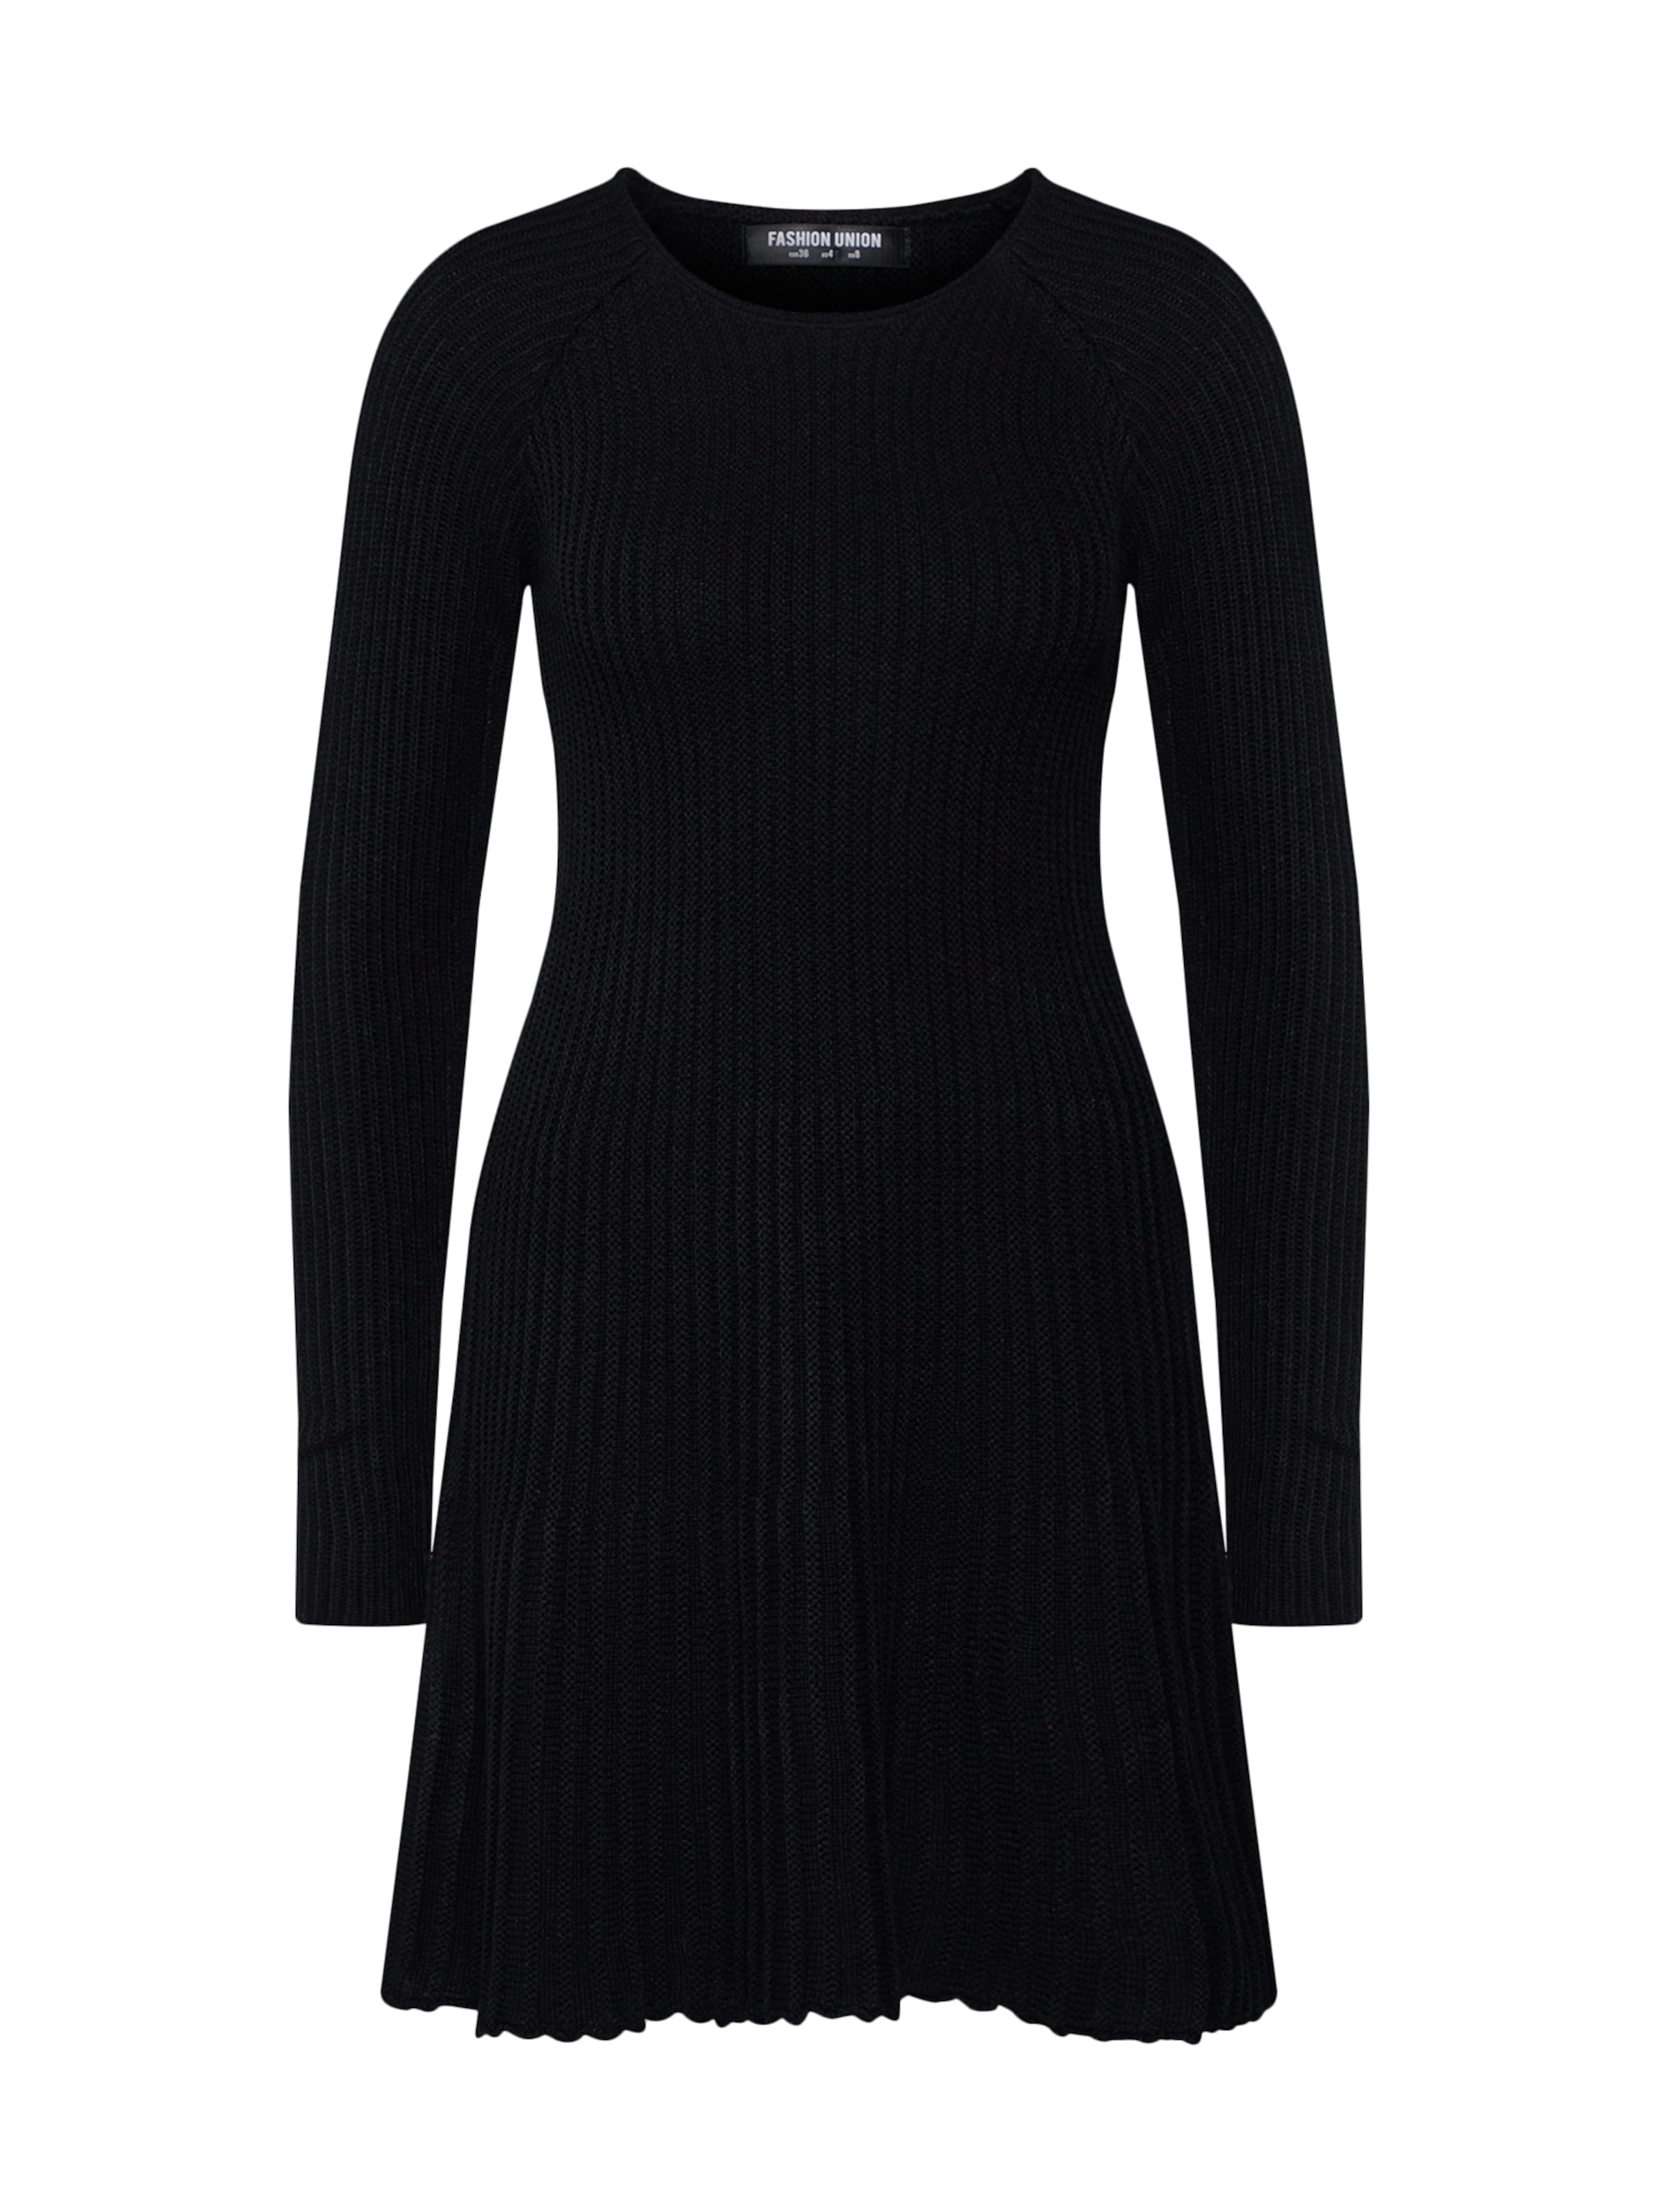 En Fashion Robe Union 'peach' Noir ybI7Yfg6vm